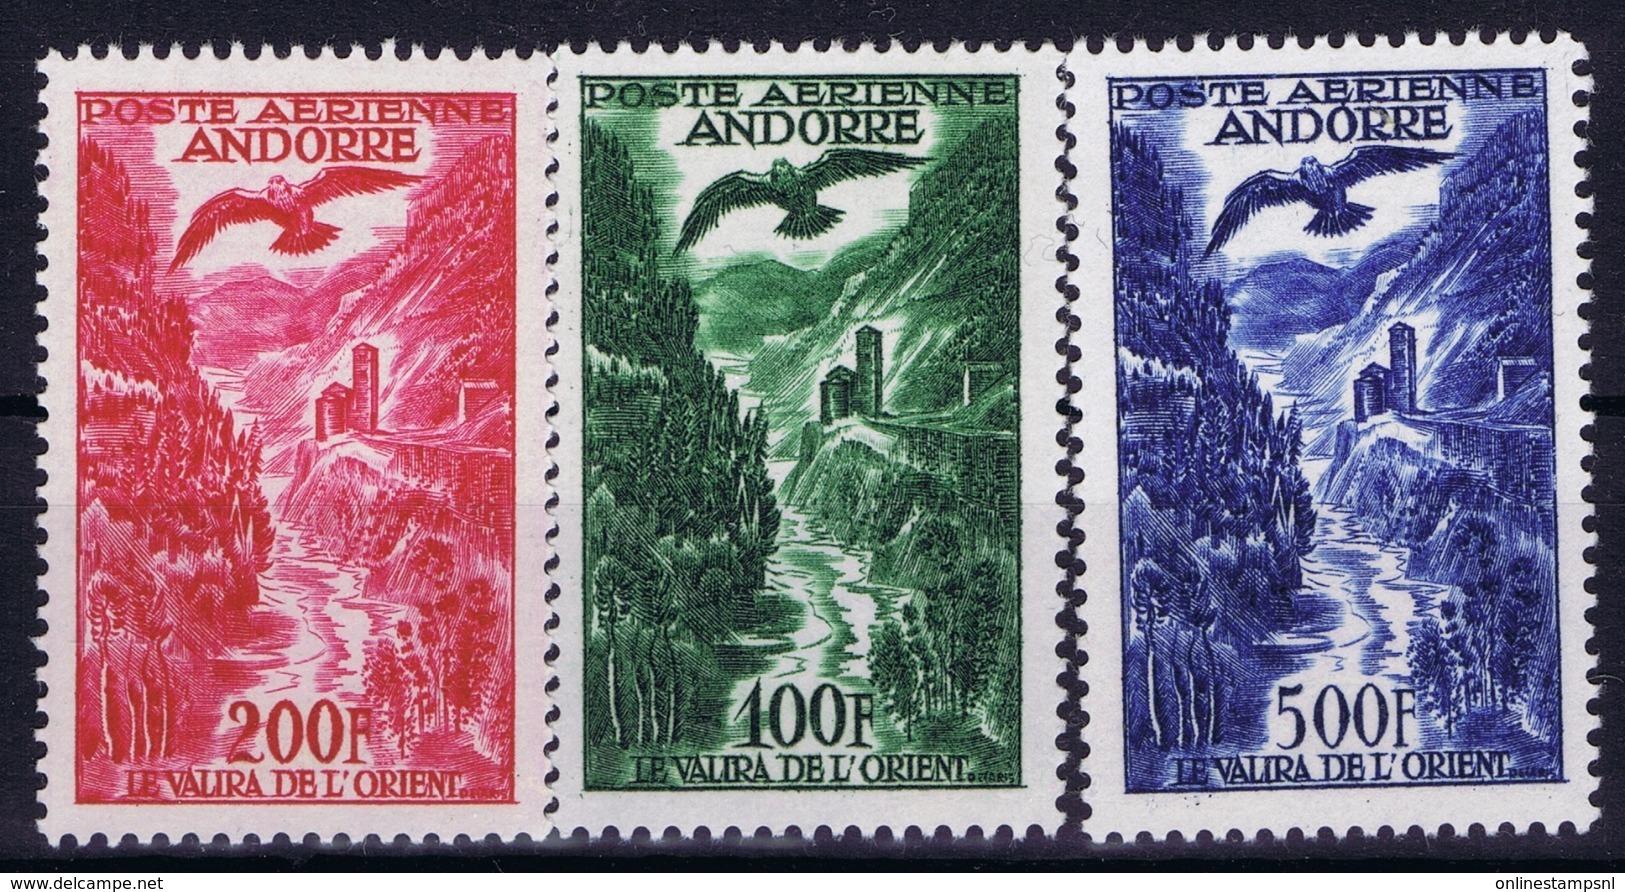 Andorre Mi 158 - 160 Airmail Postfrisch/neuf Sans Charniere /MNH/** - Französisch Andorra